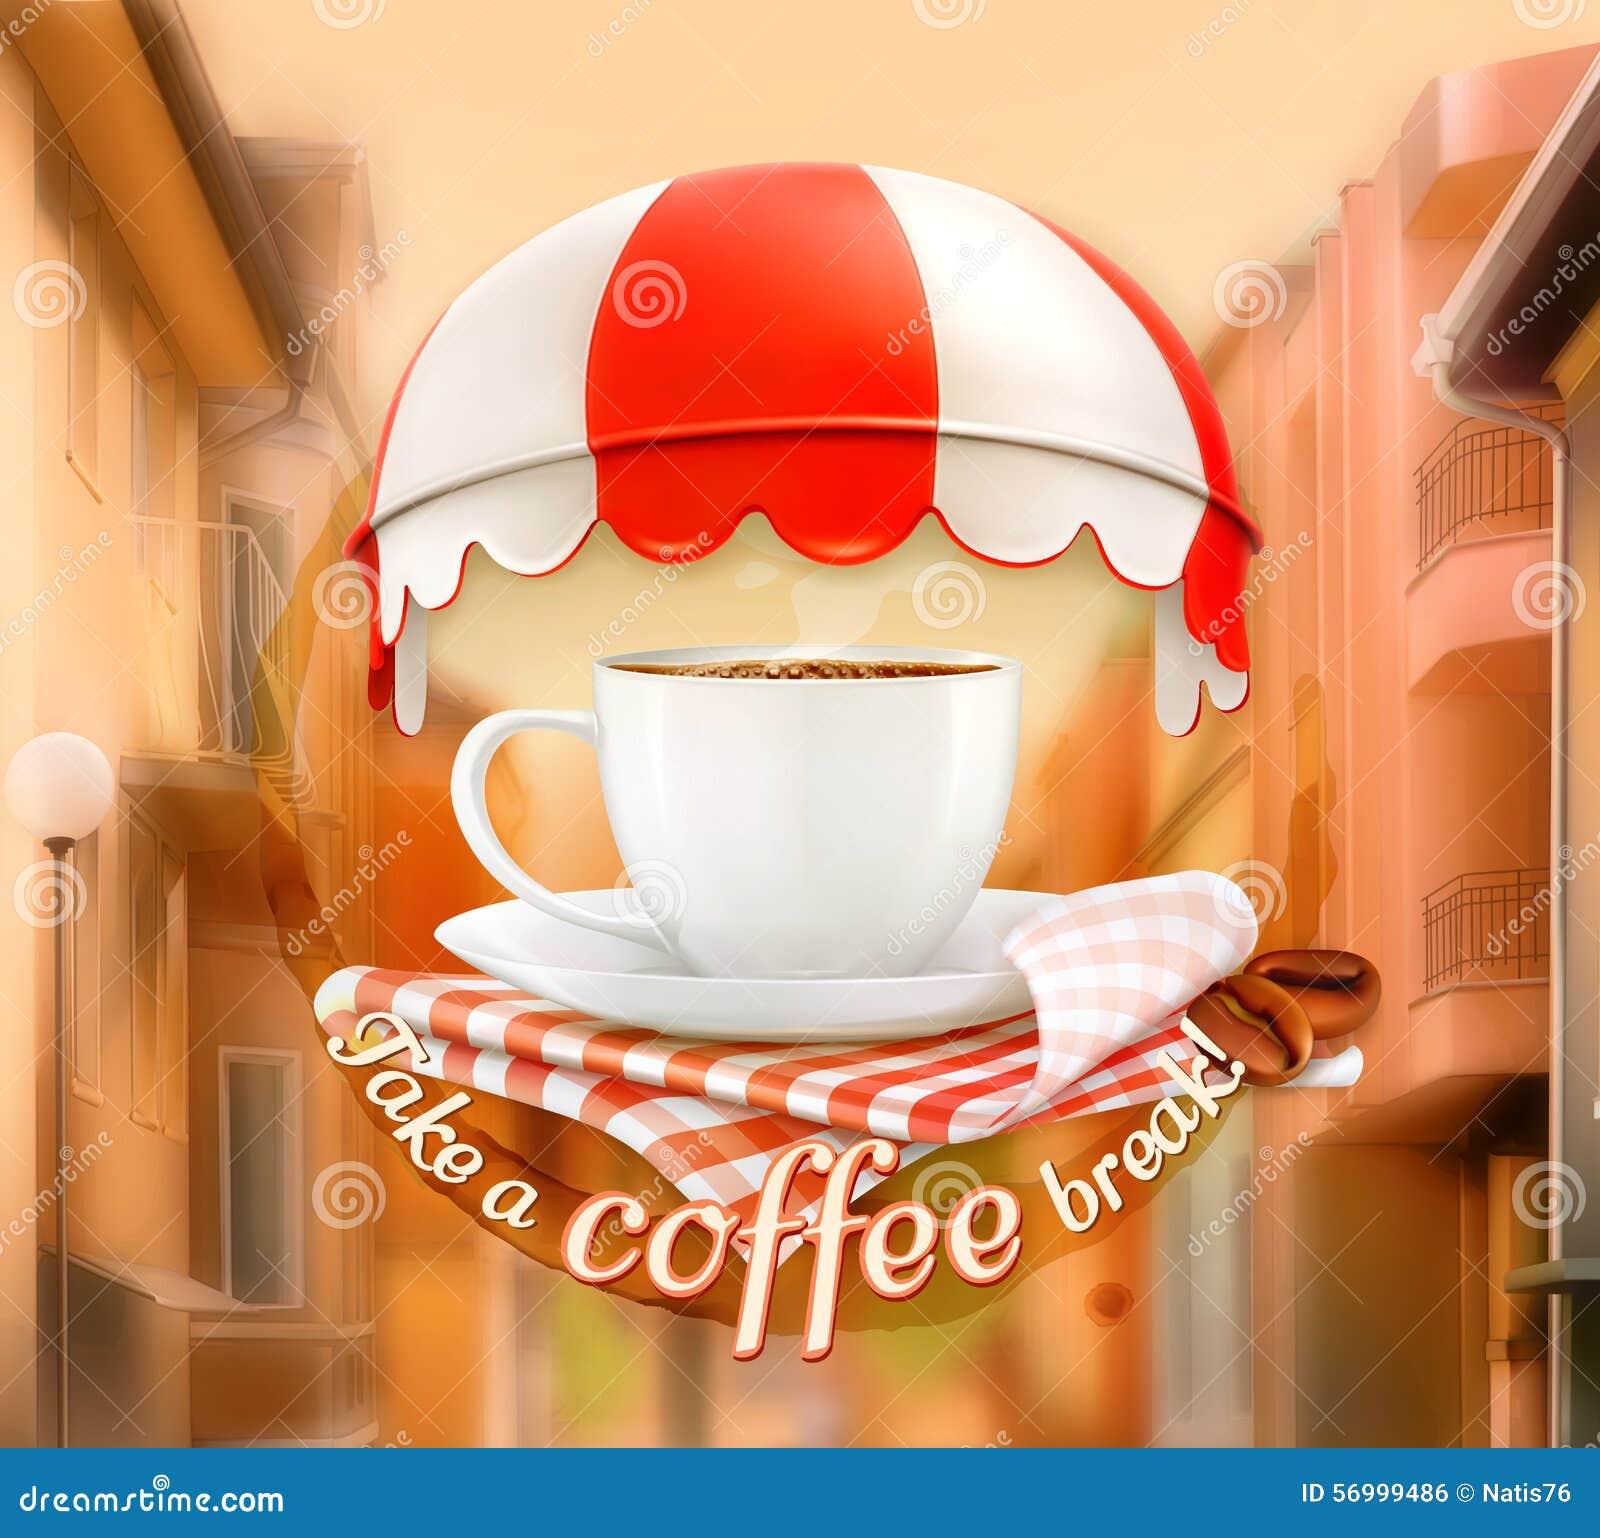 einladung zu einem tasse kaffee vektor abbildung - bild: 56999486, Einladung